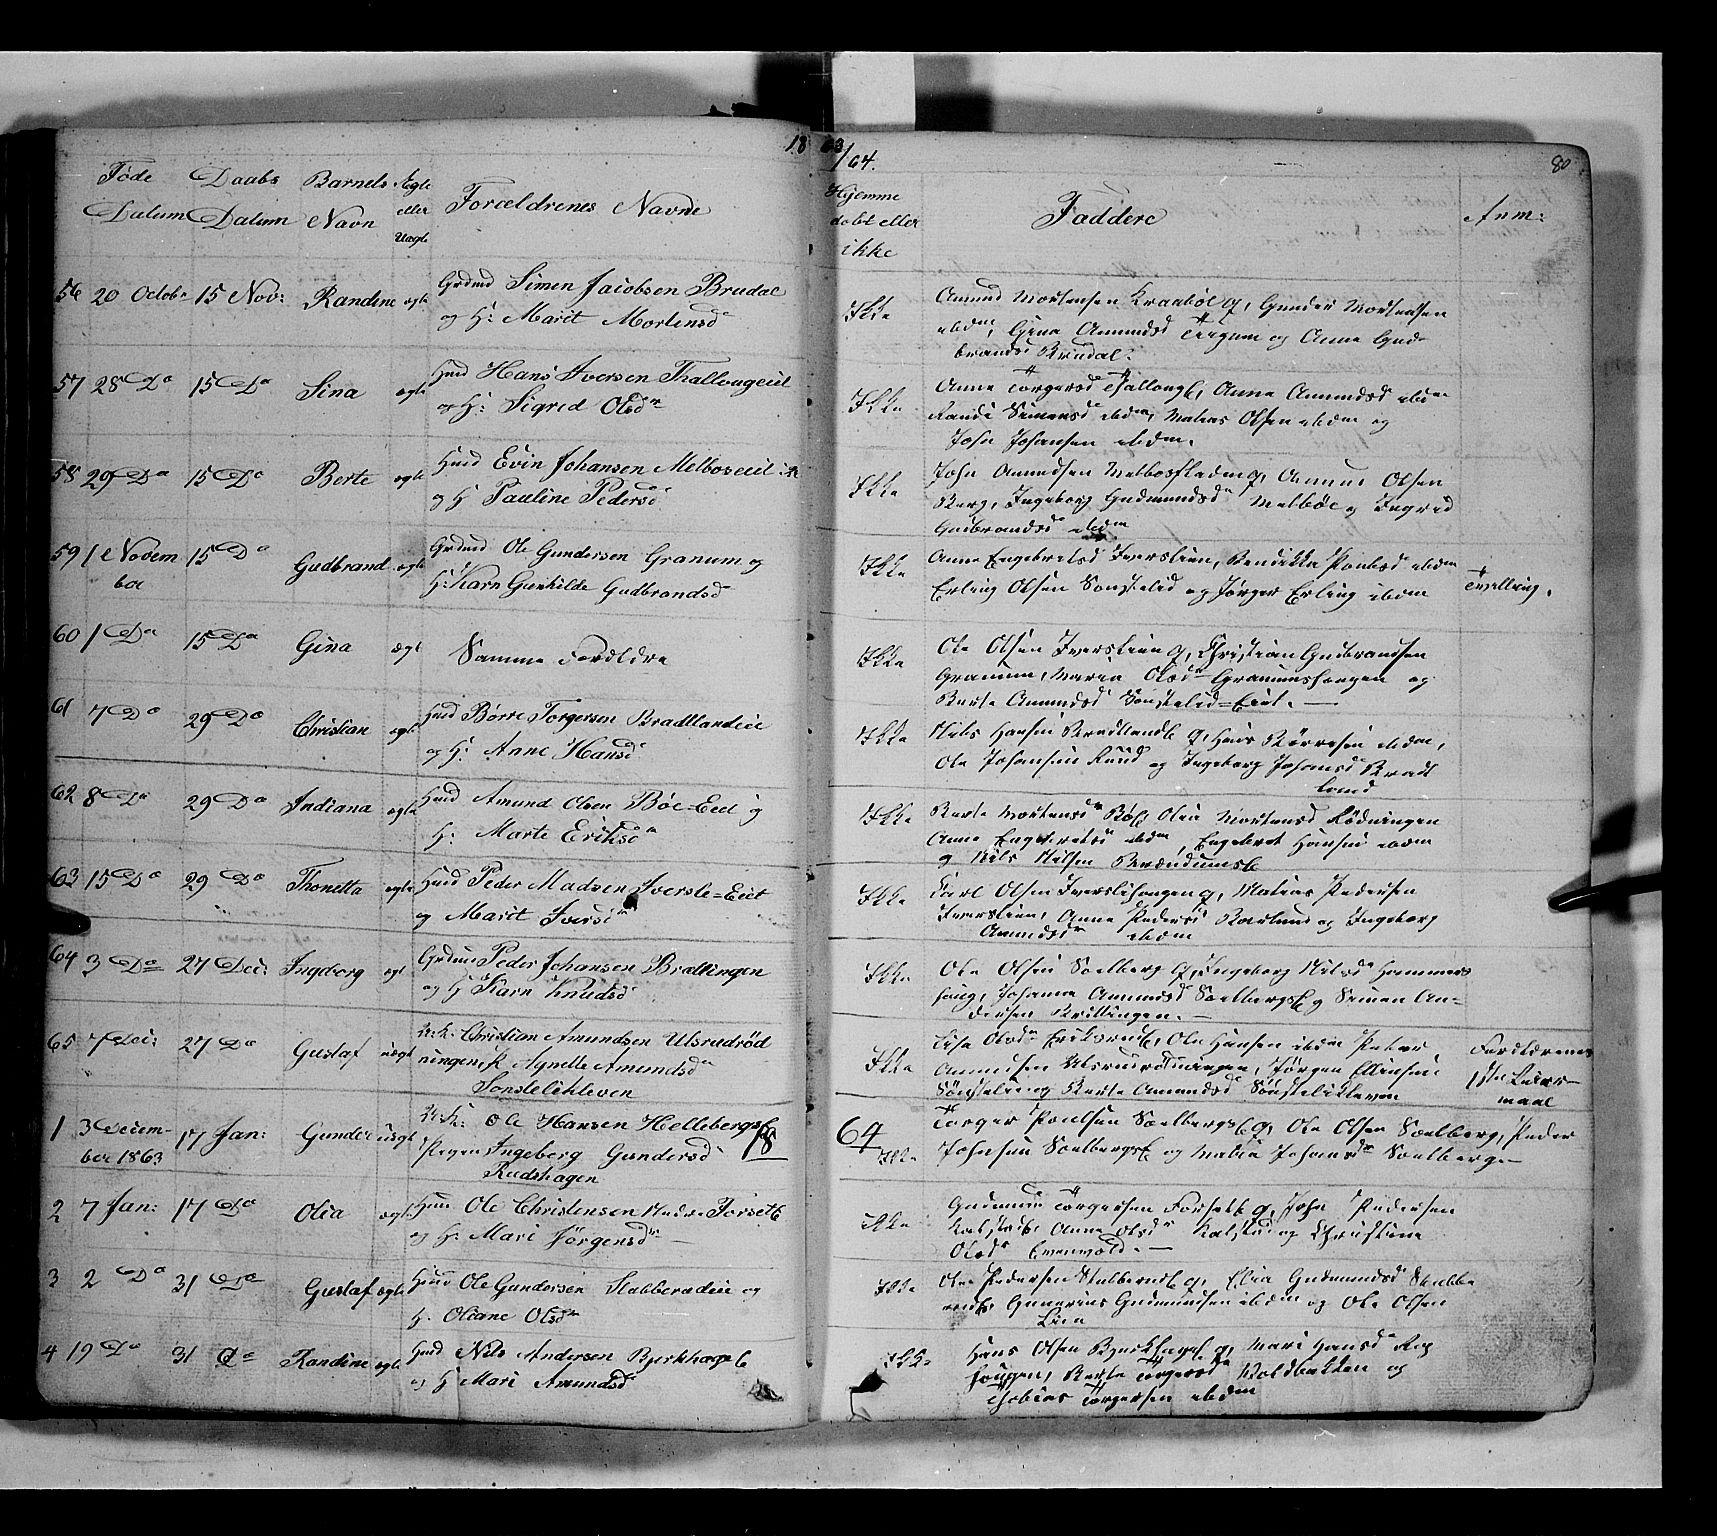 SAH, Gausdal prestekontor, Klokkerbok nr. 5, 1846-1867, s. 80